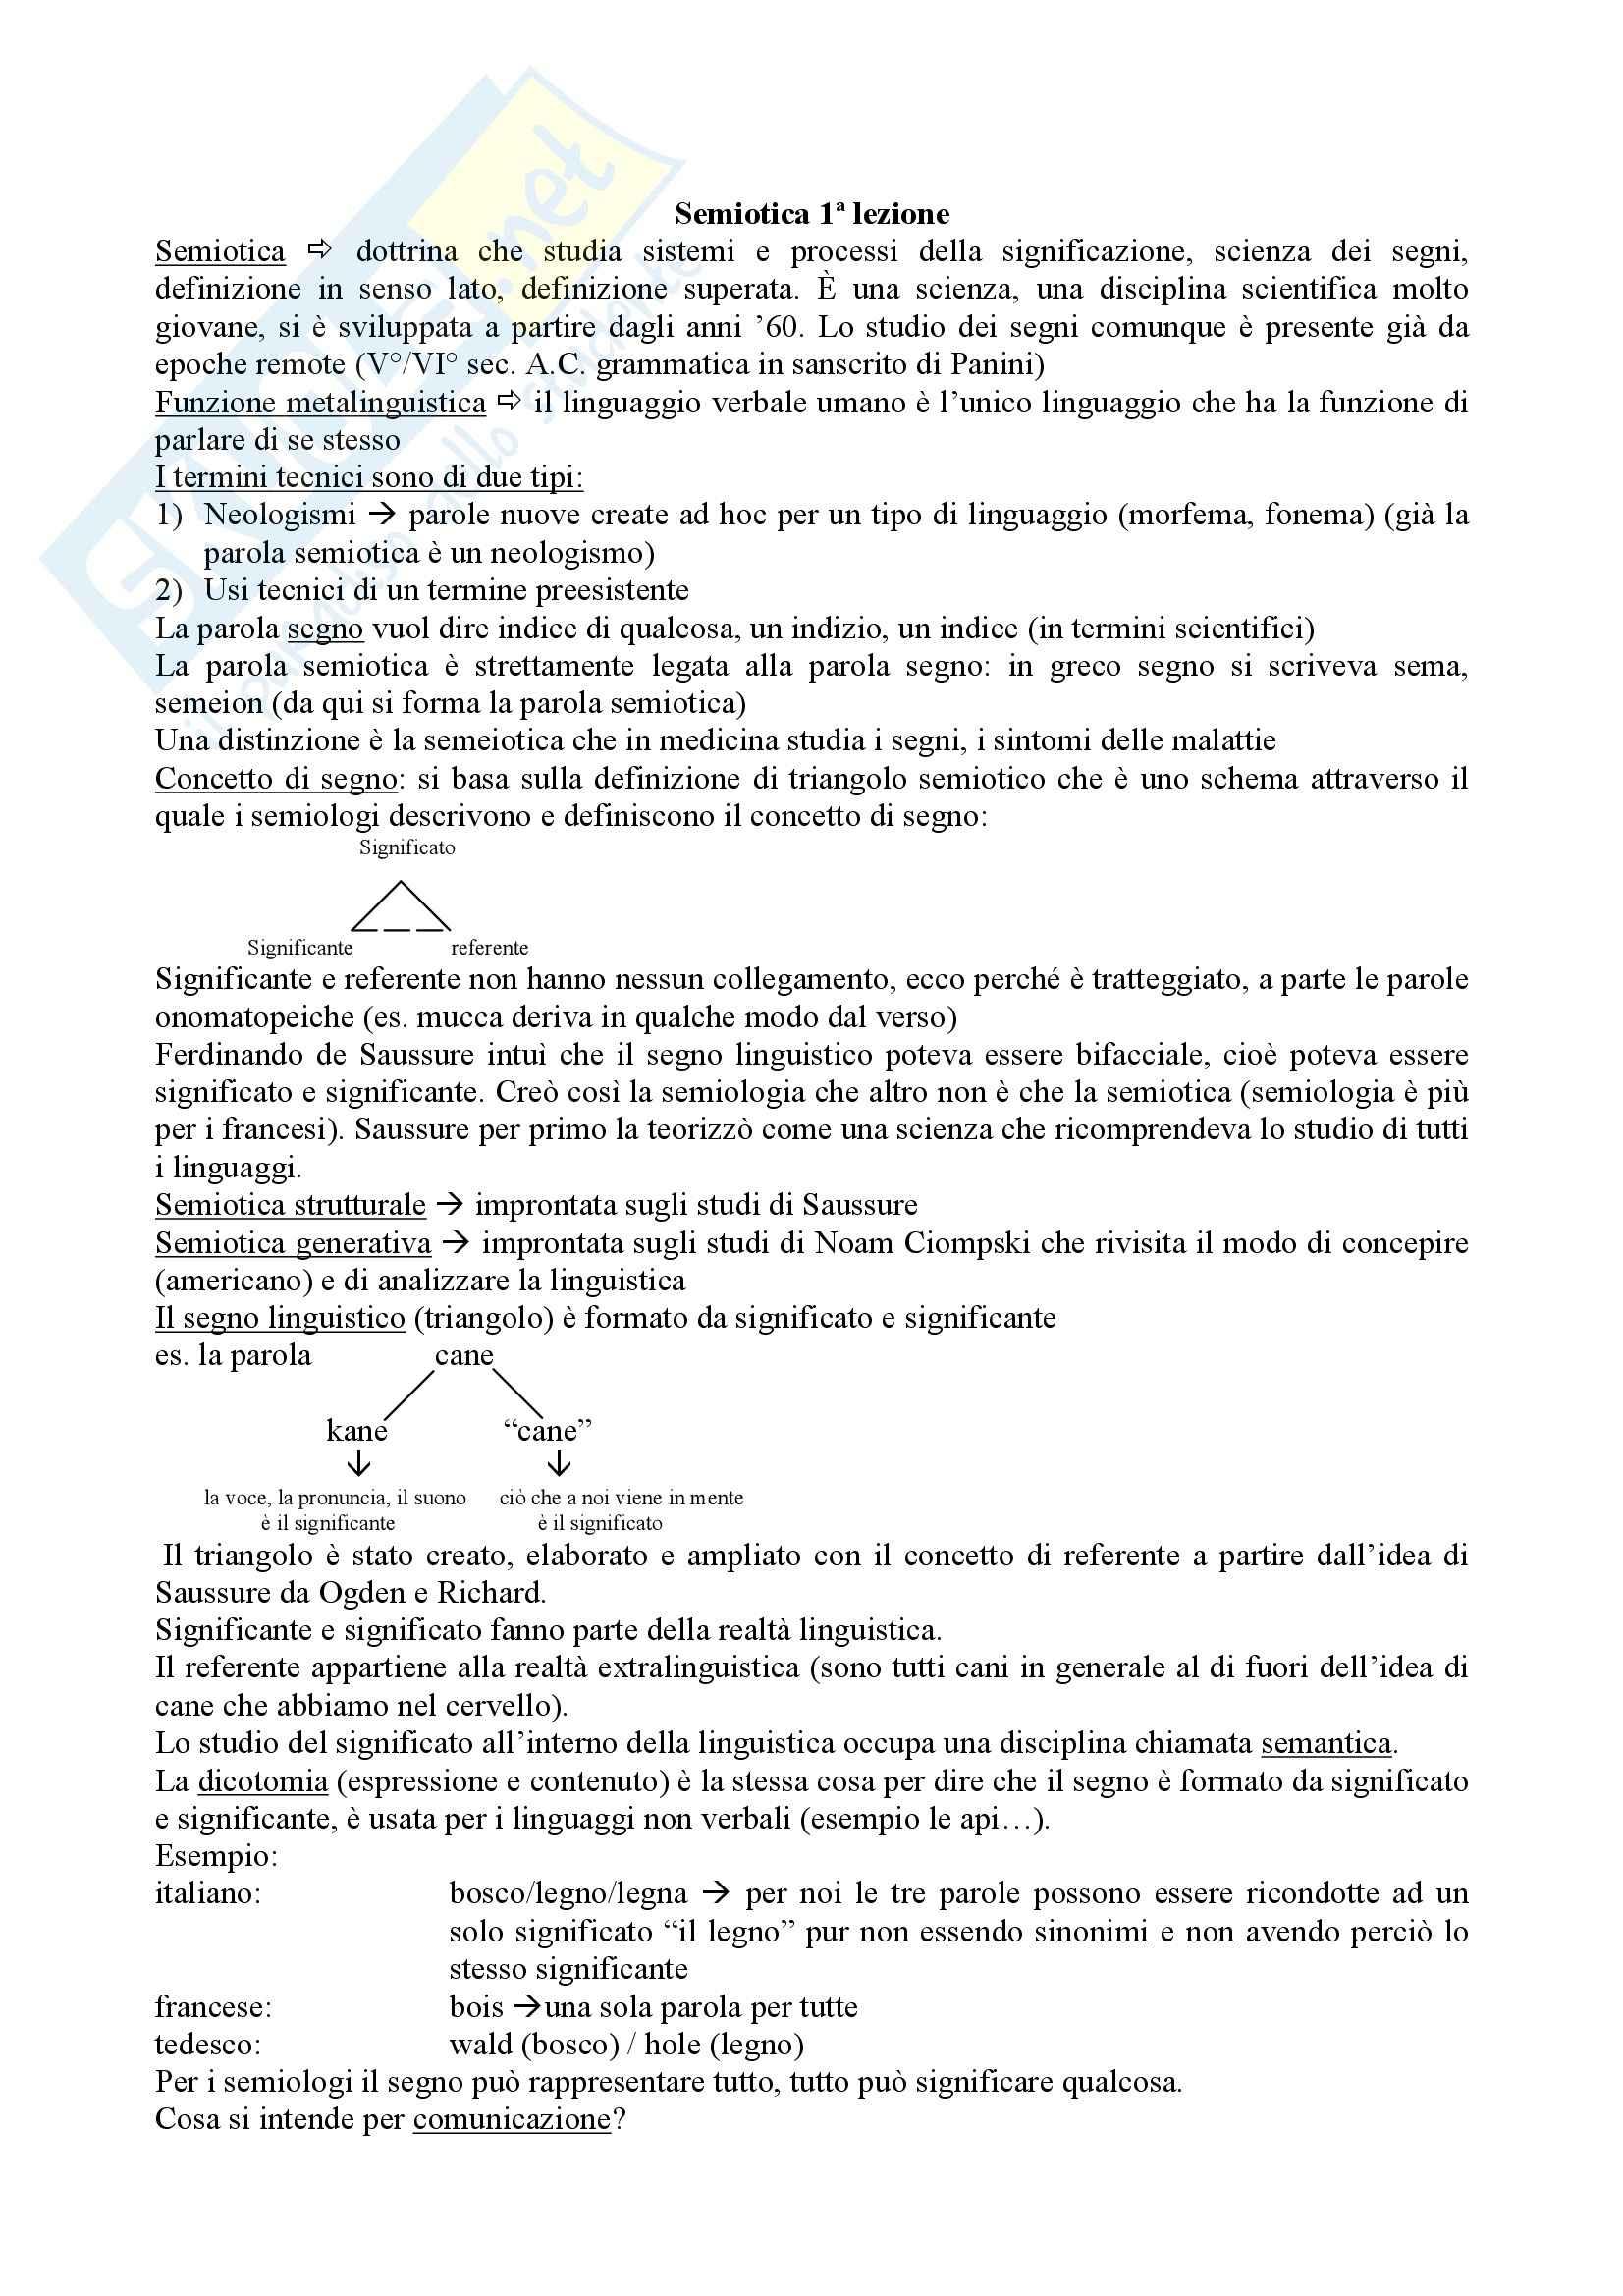 appunto G. Facchetti Semiotica